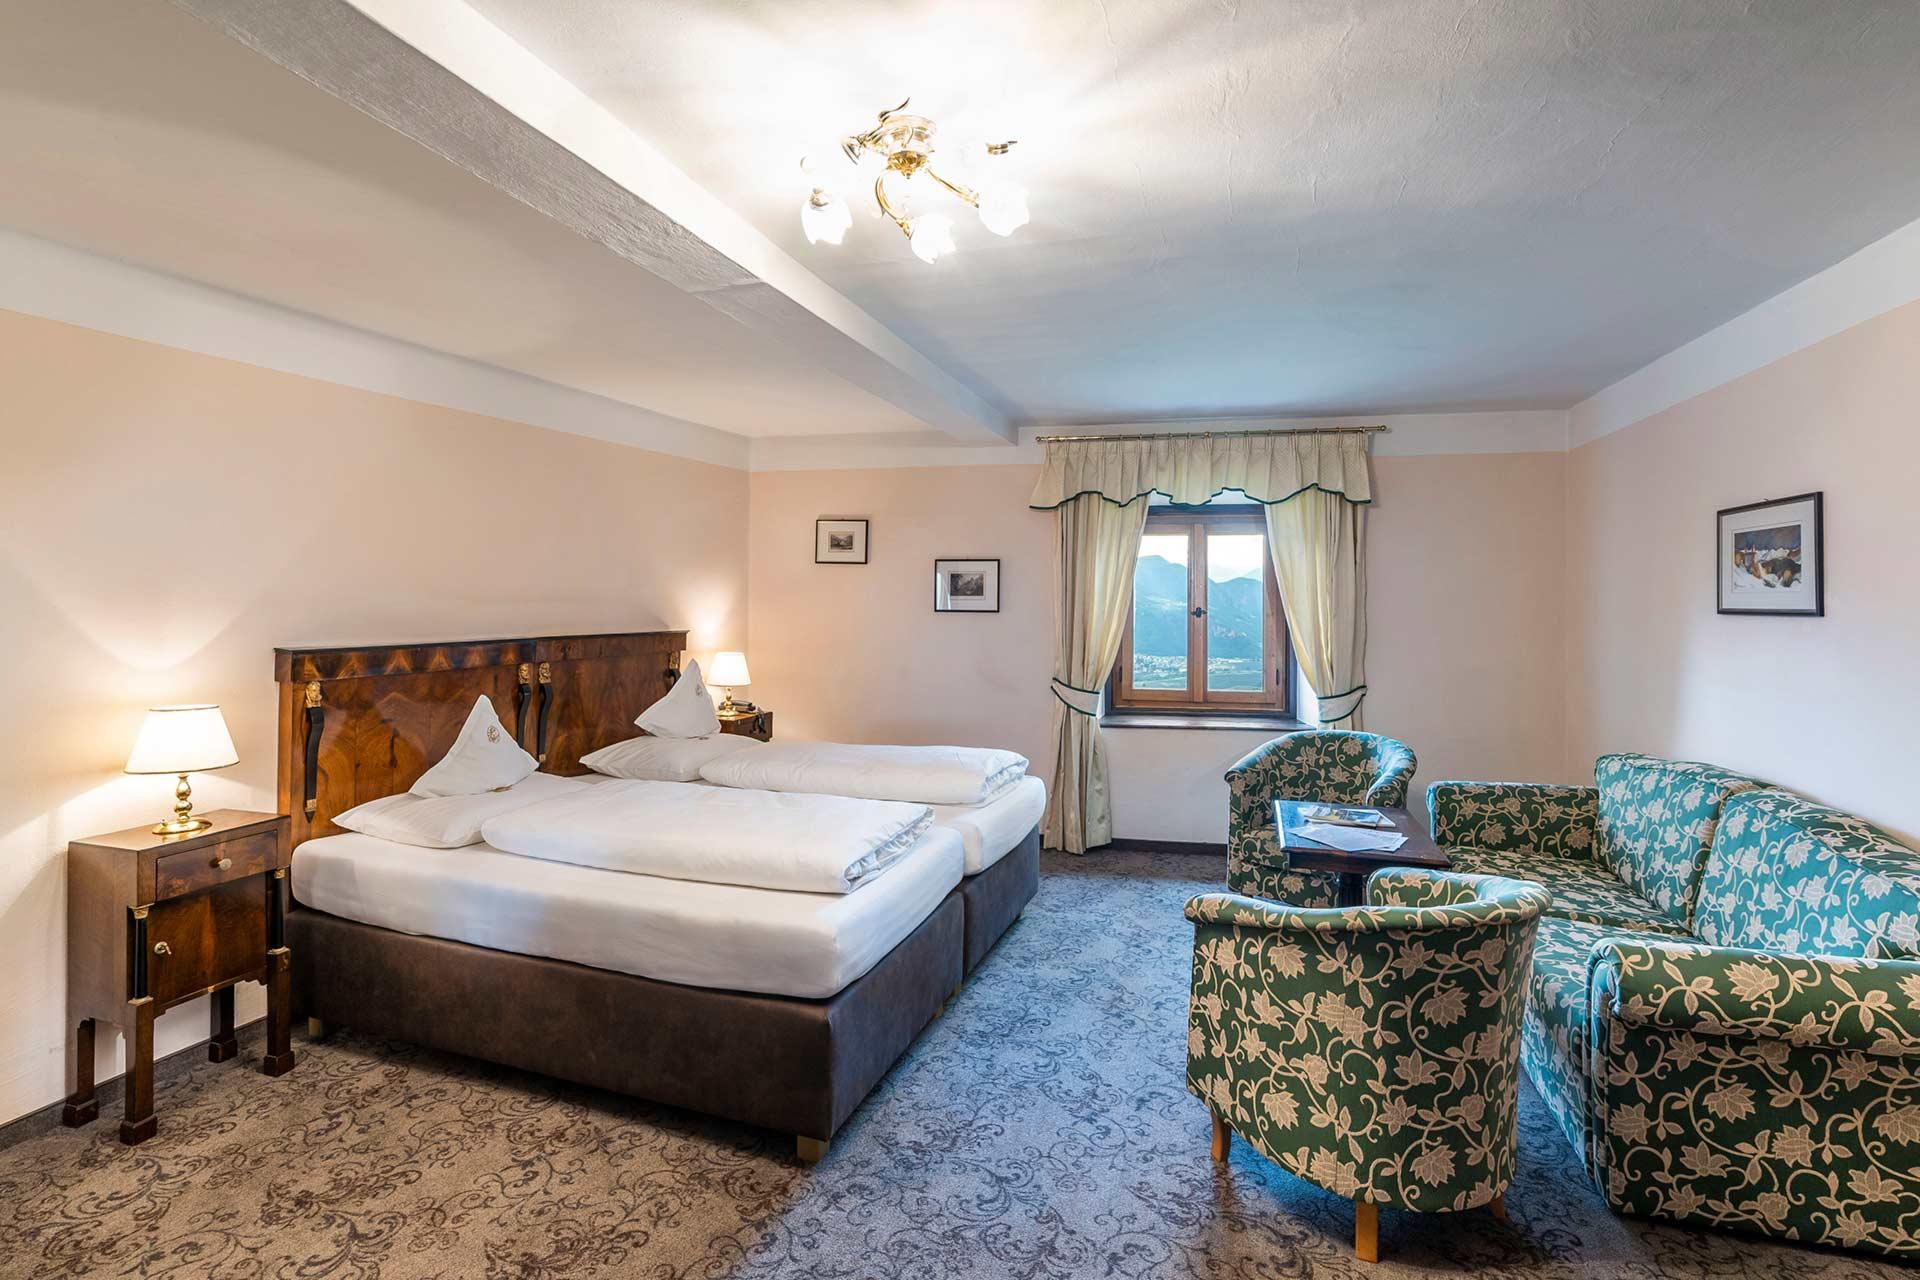 Hotel-Wehrburg-Zimmer-003